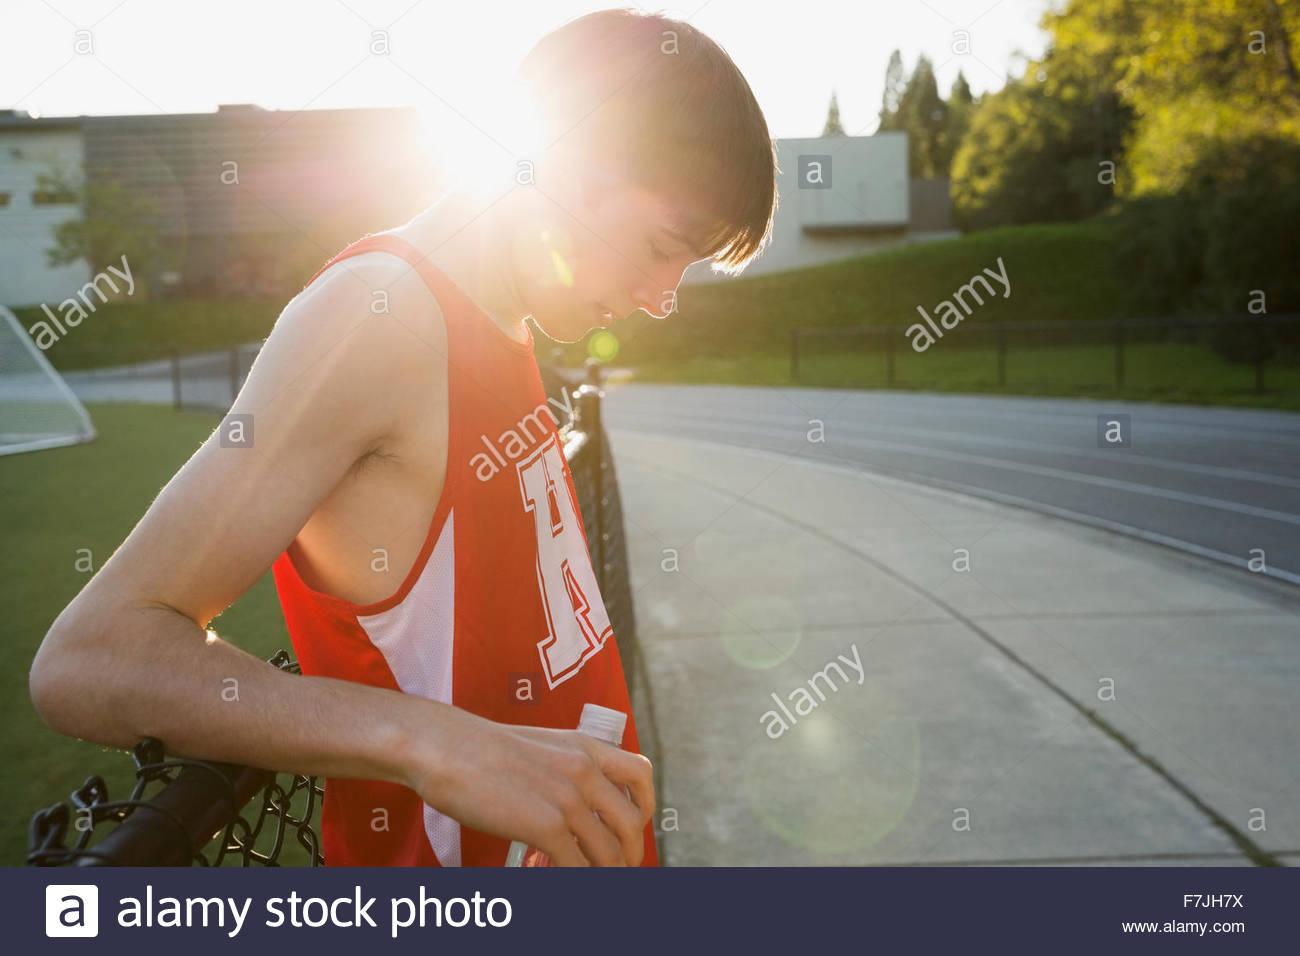 High school atleta de pista y campo descansando Imagen De Stock